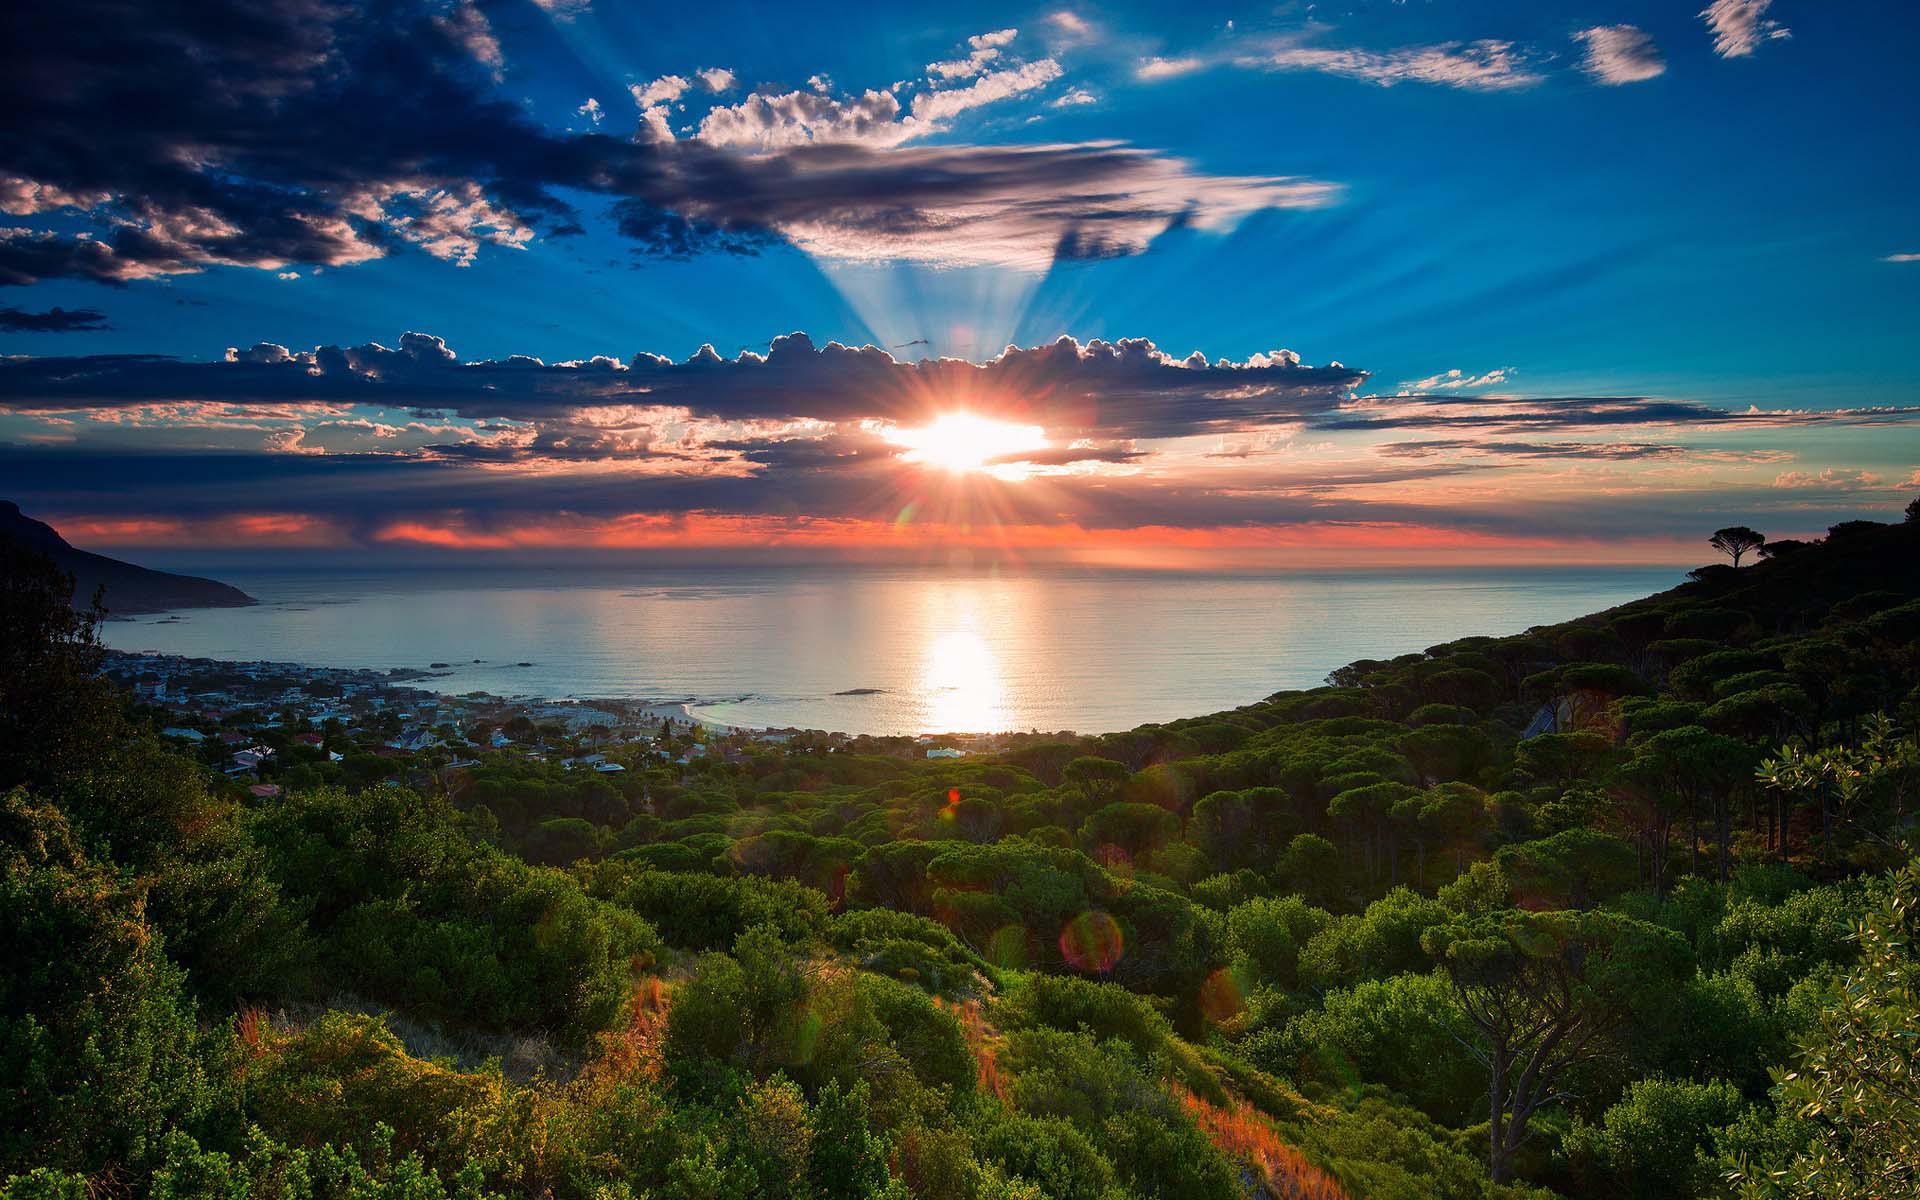 Sfondi desktop tramonti for Sfondi pc 4k